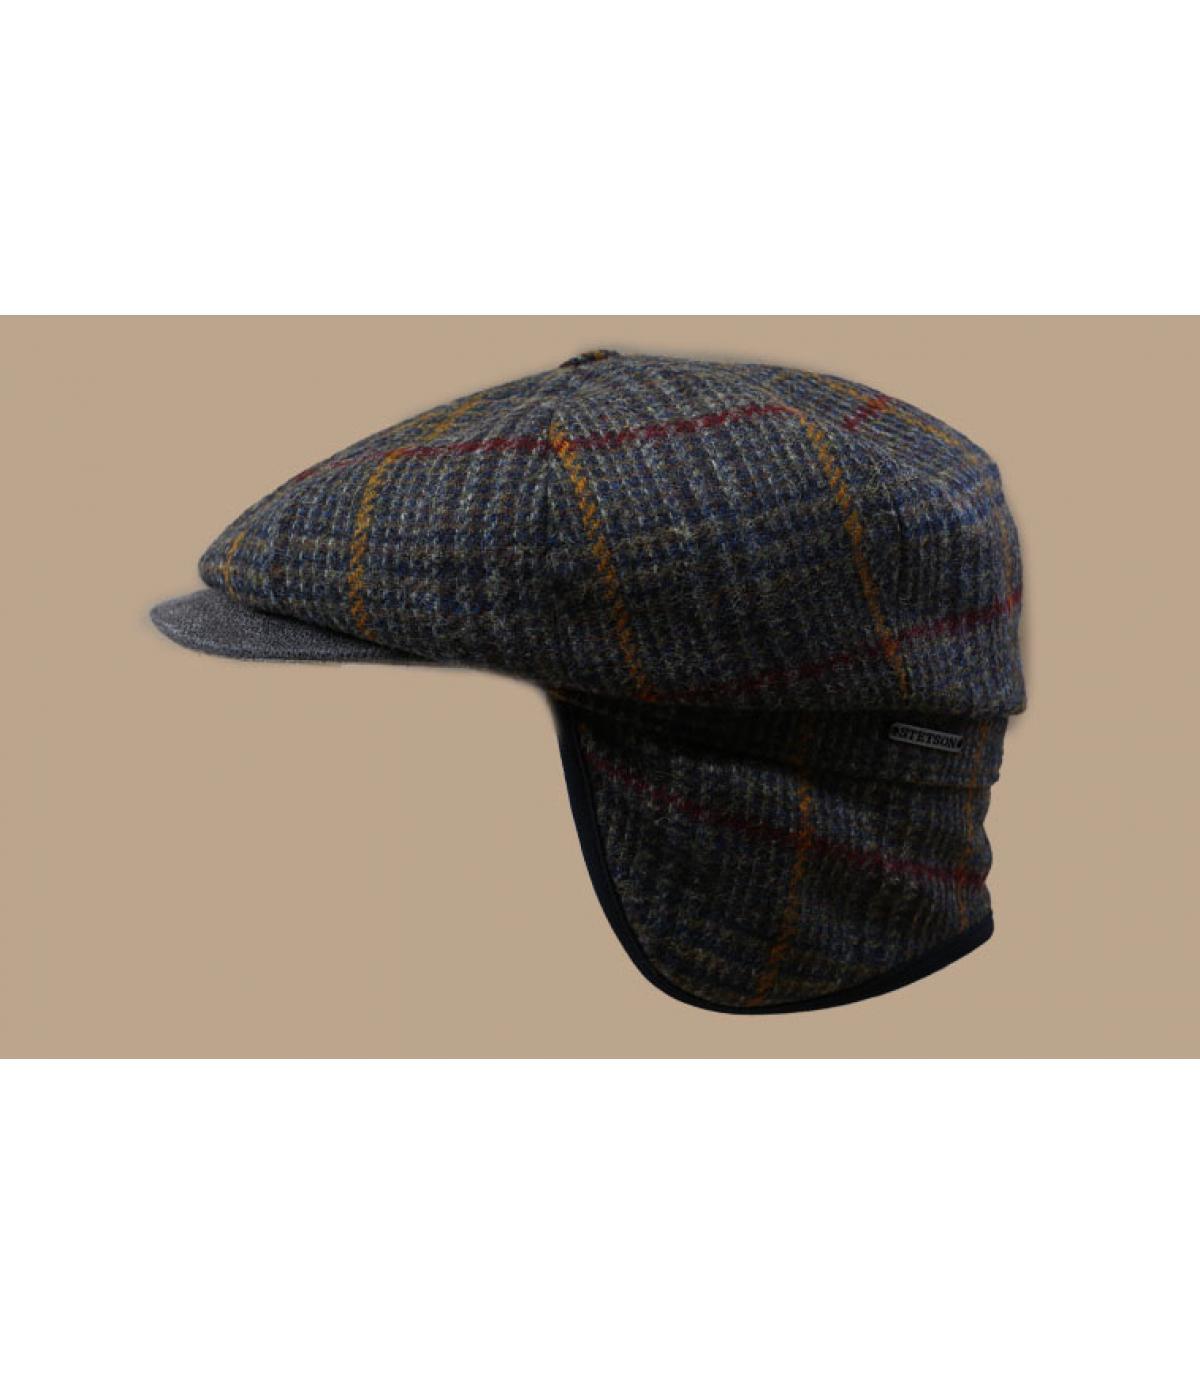 Détails Hatteras EF Wool olive brown check - image 3